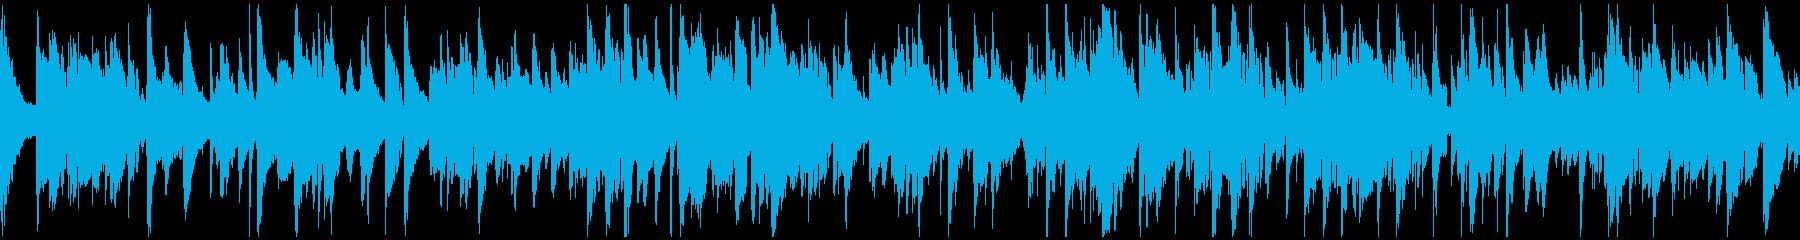 センチメンタルなジャズバラード※ループ版の再生済みの波形